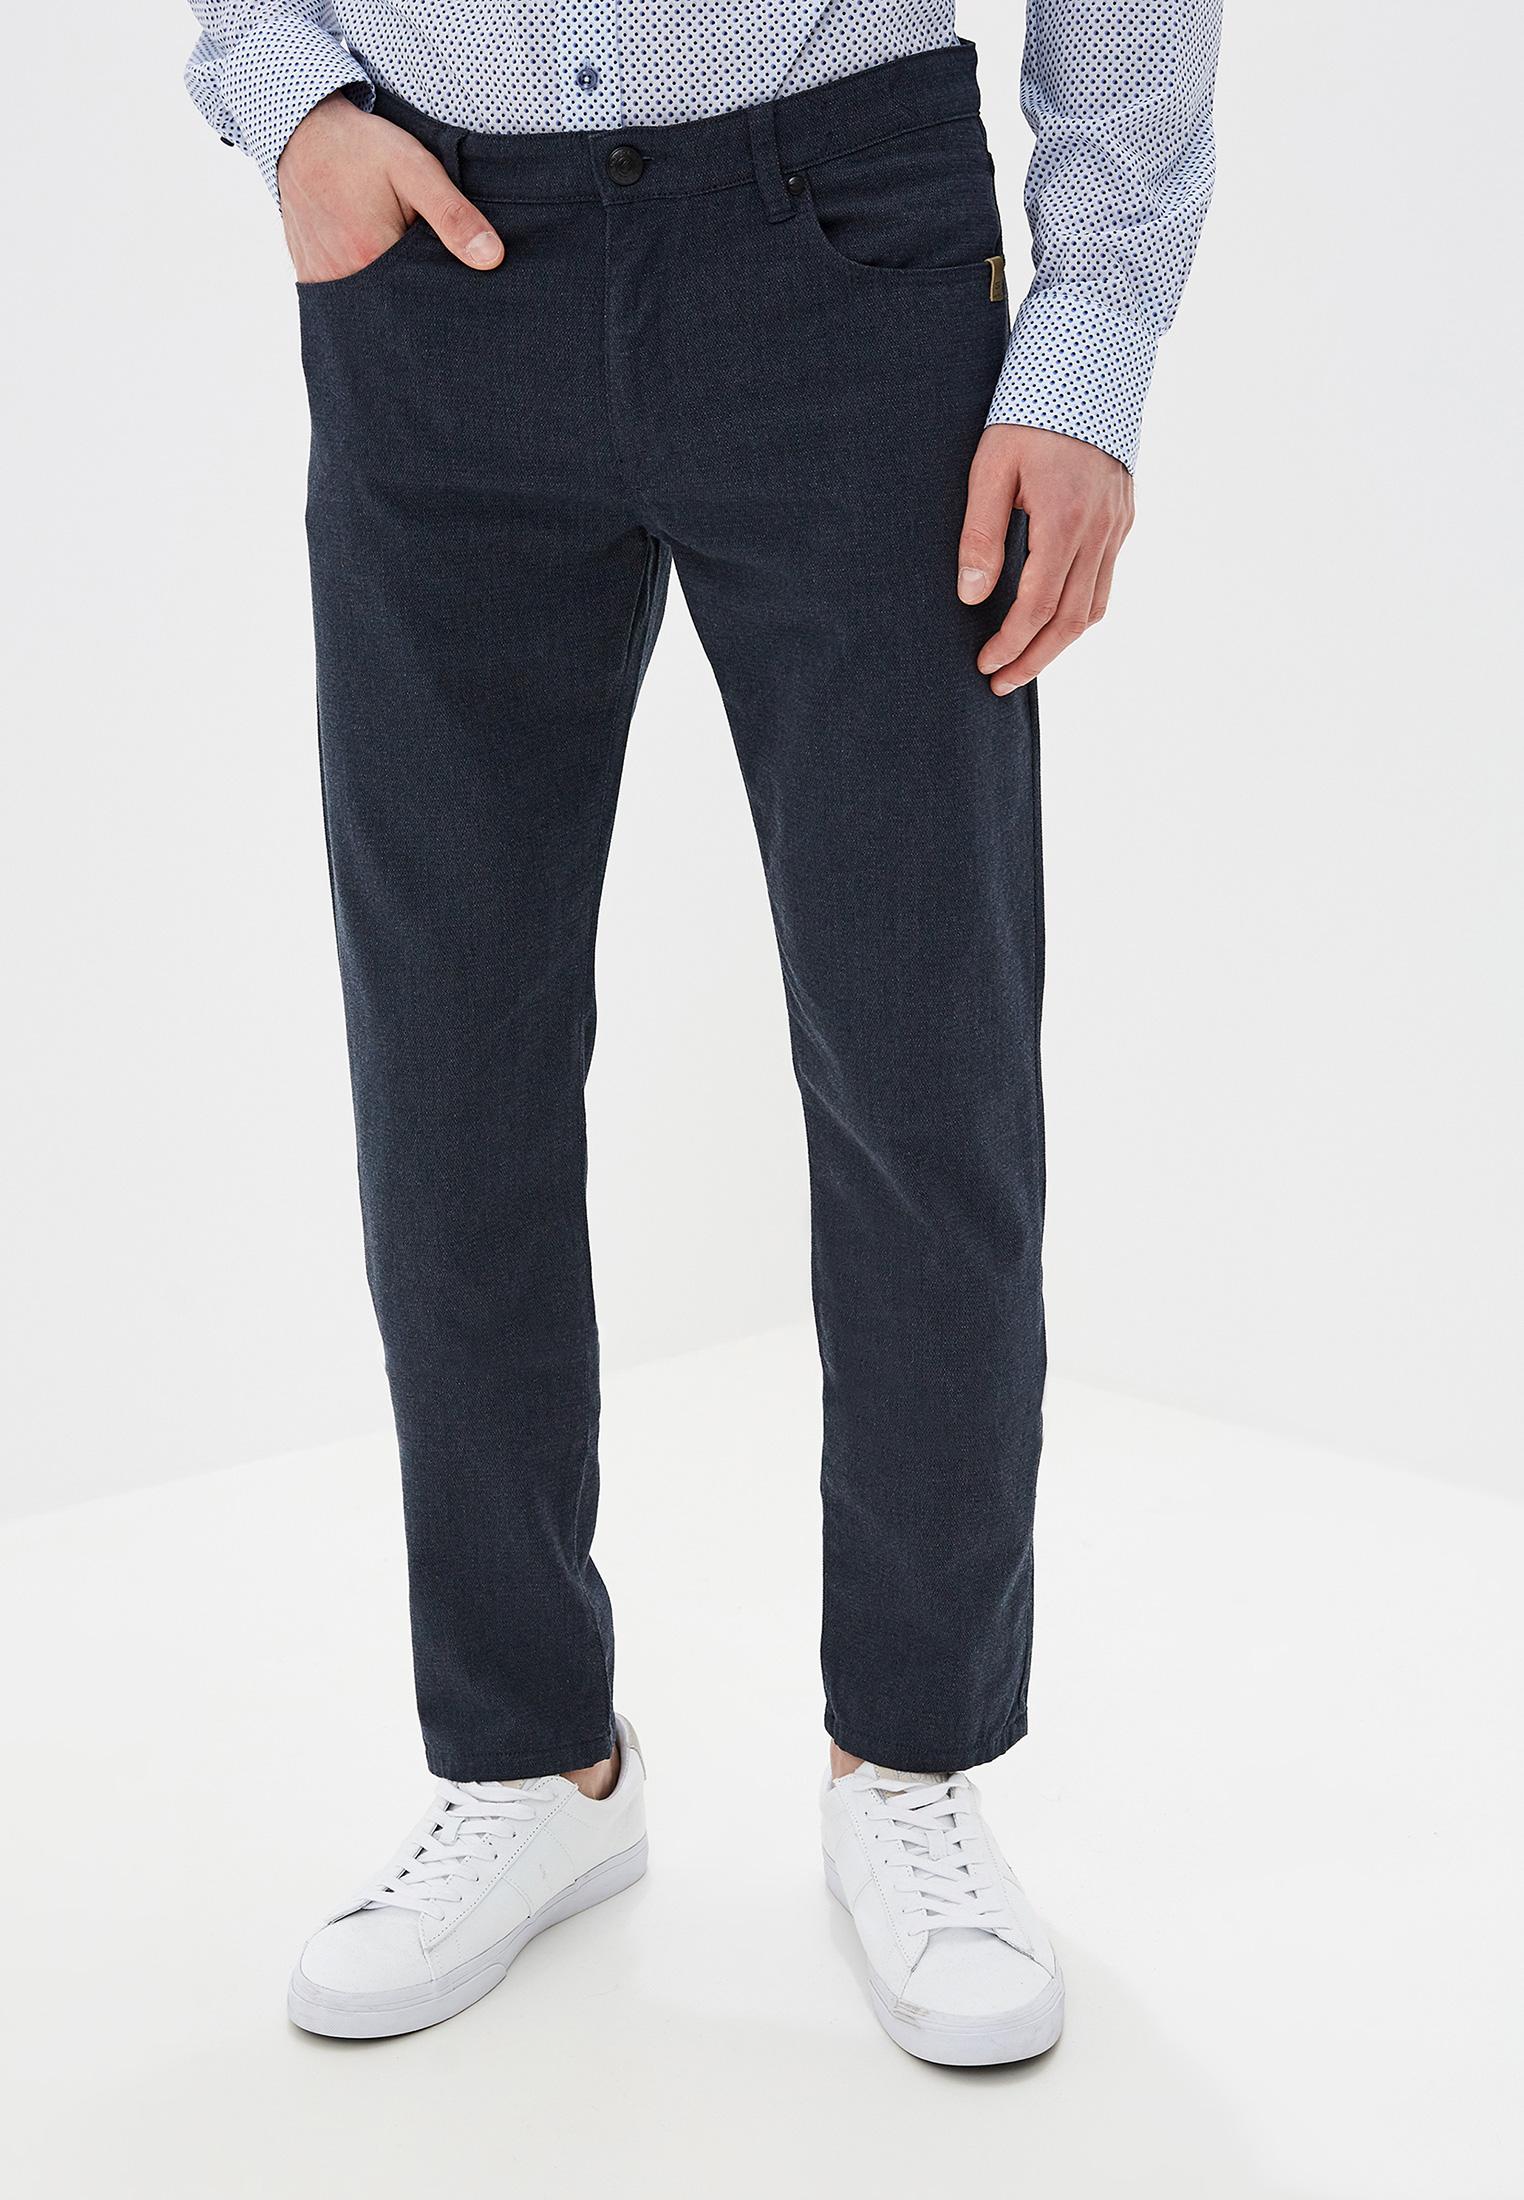 Мужские повседневные брюки Sand inf